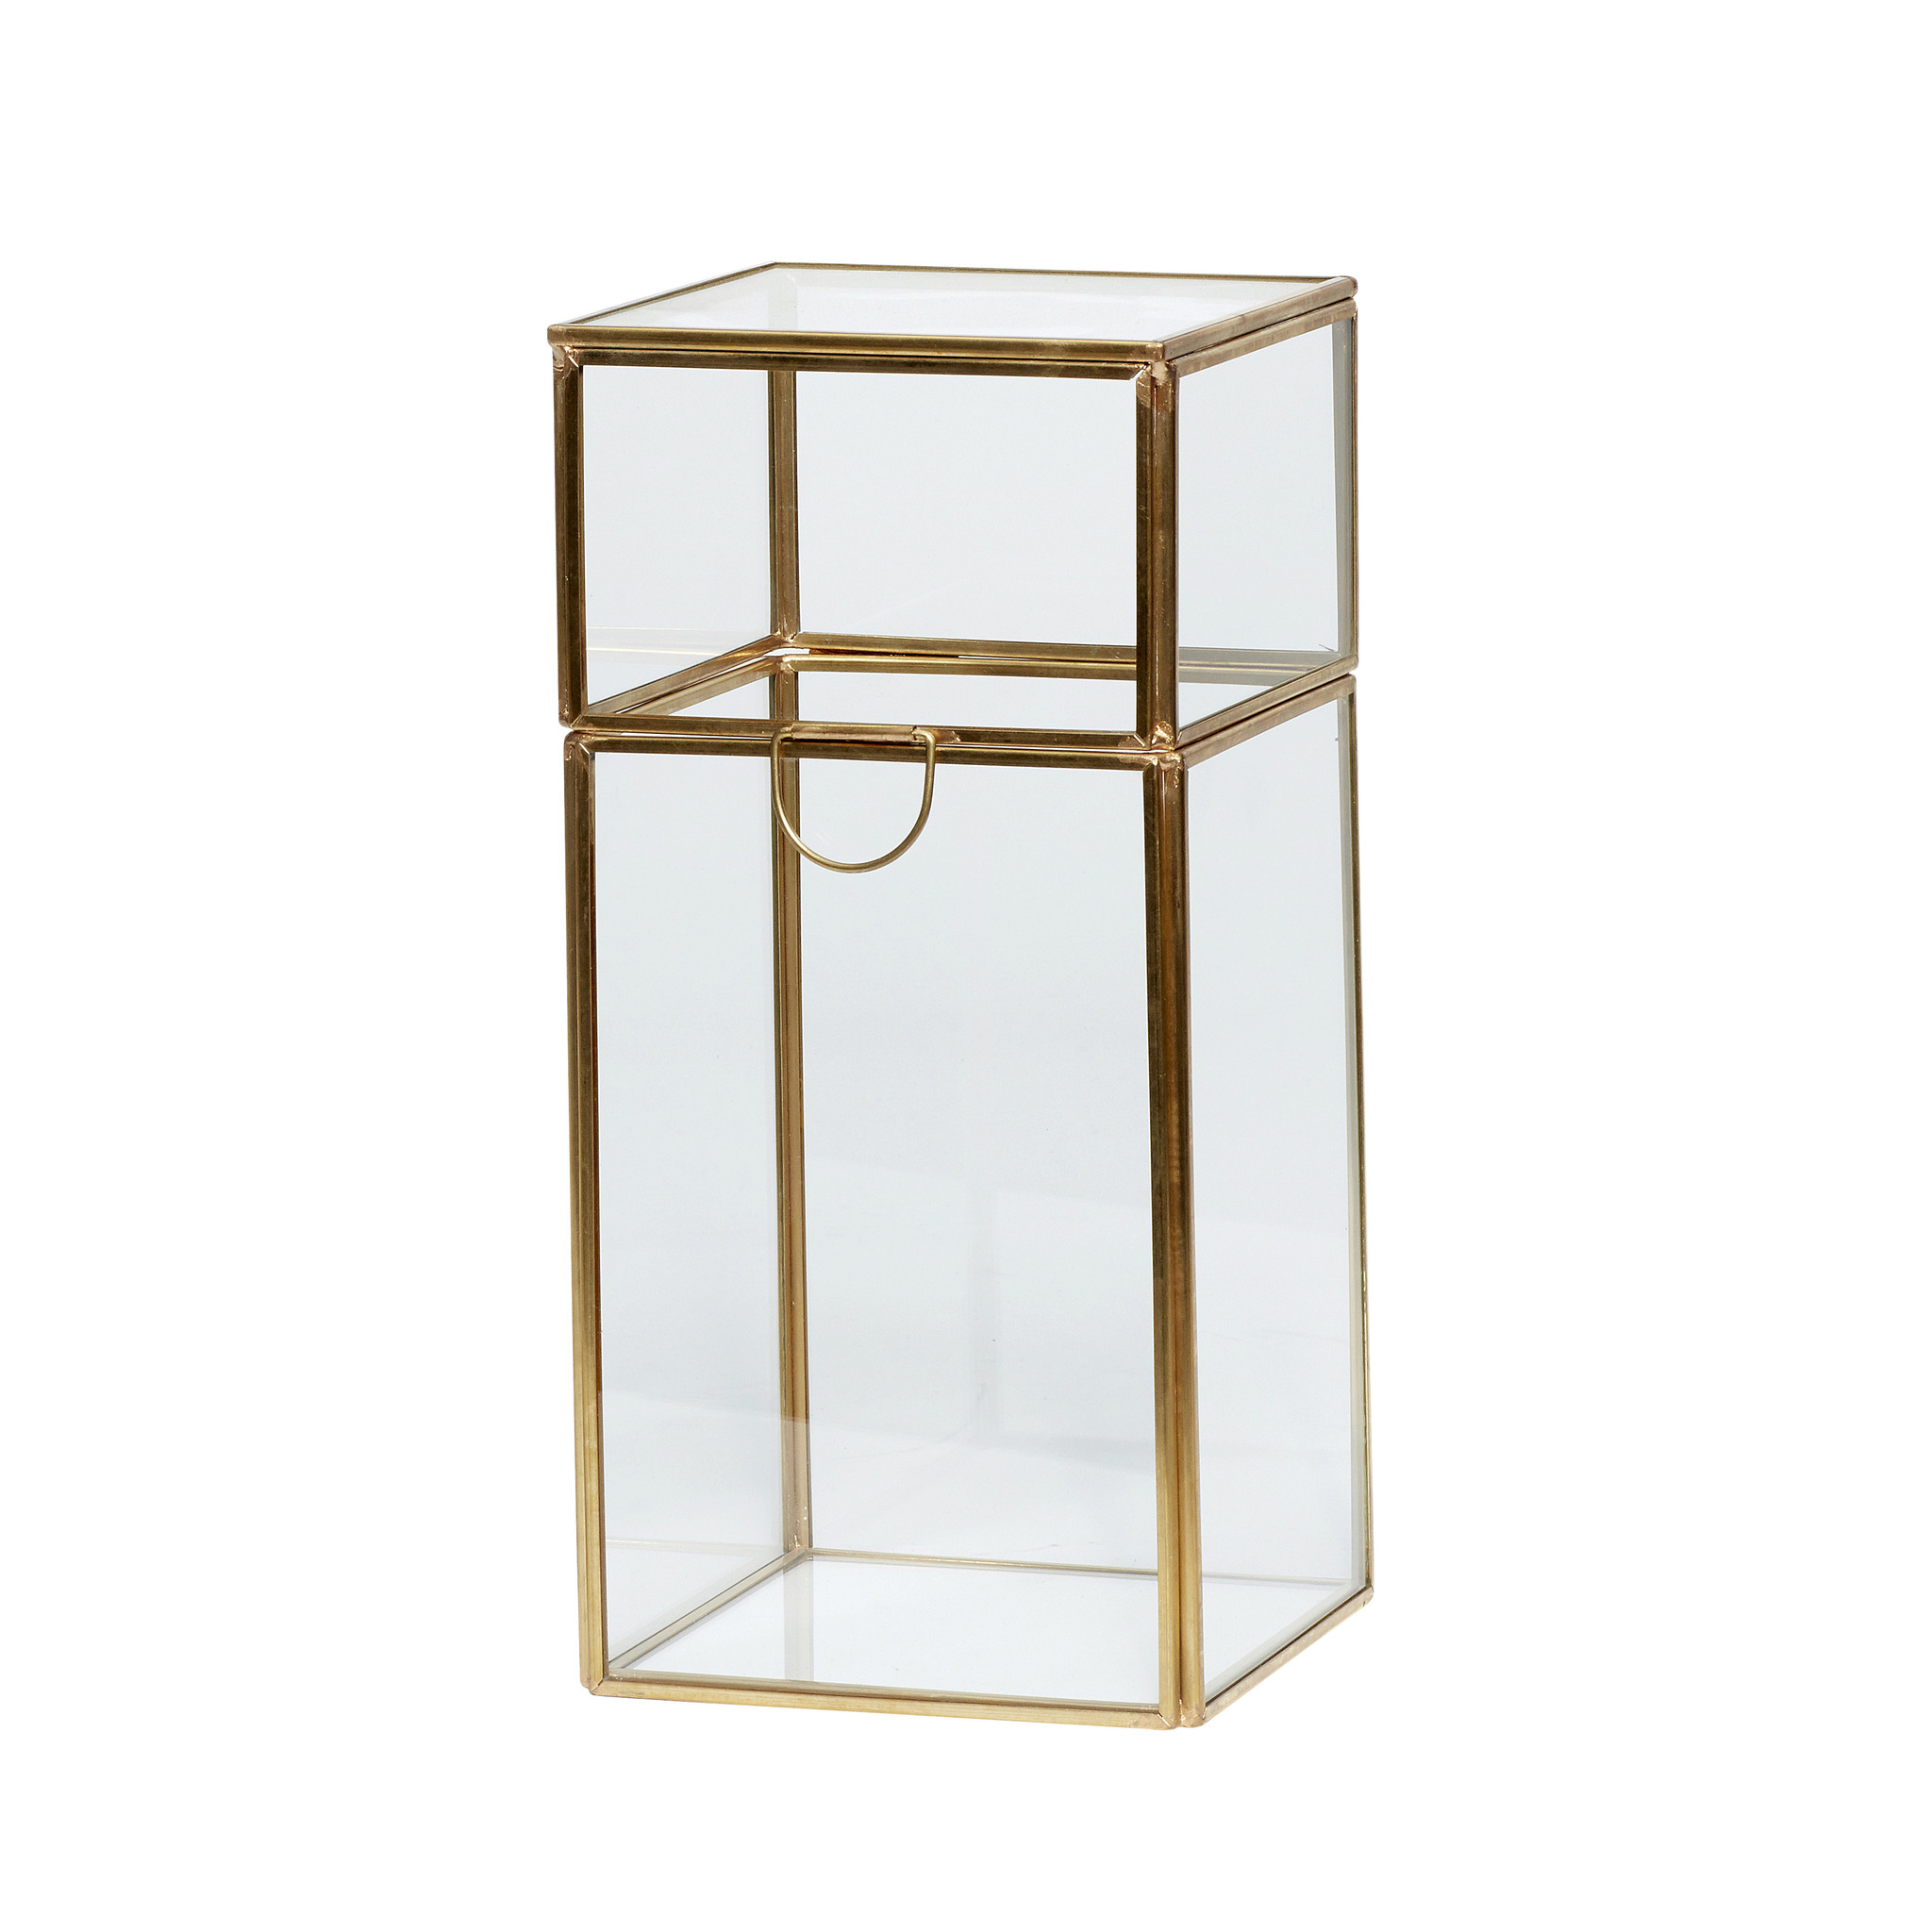 Hubsch Glazen doos, messing / glas, groot